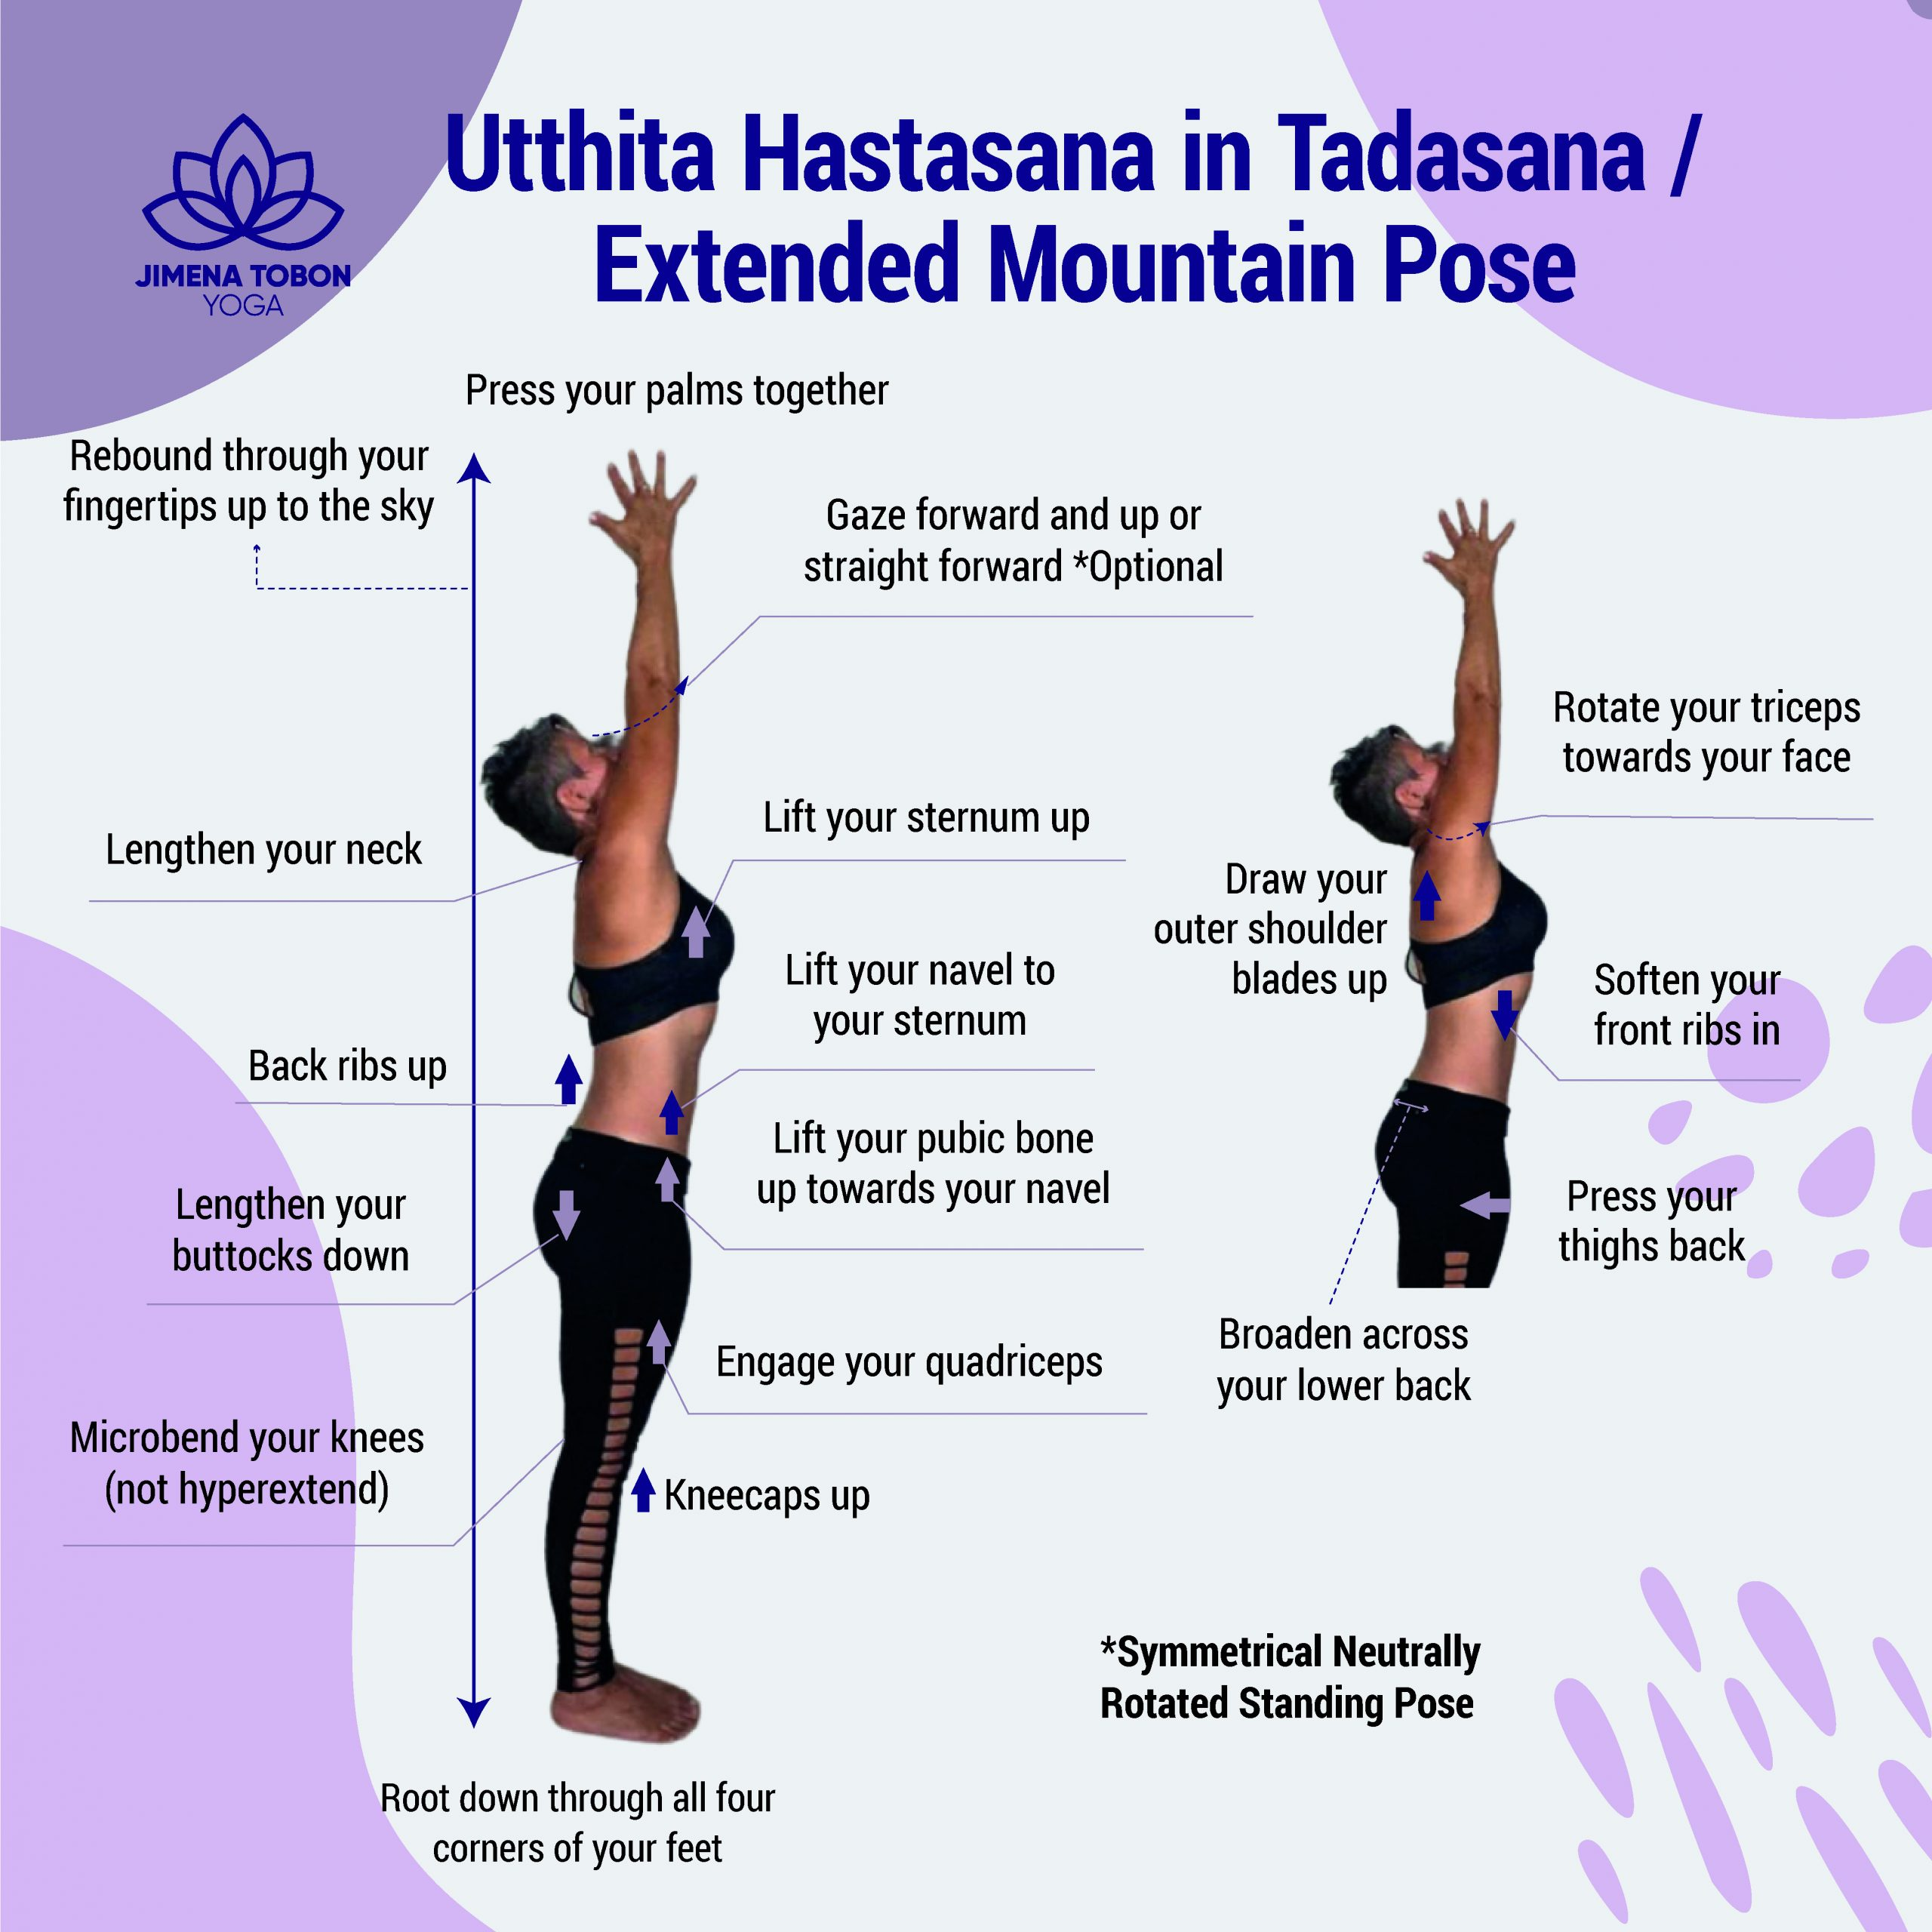 Utthita Hastasana in Tadasana JTY